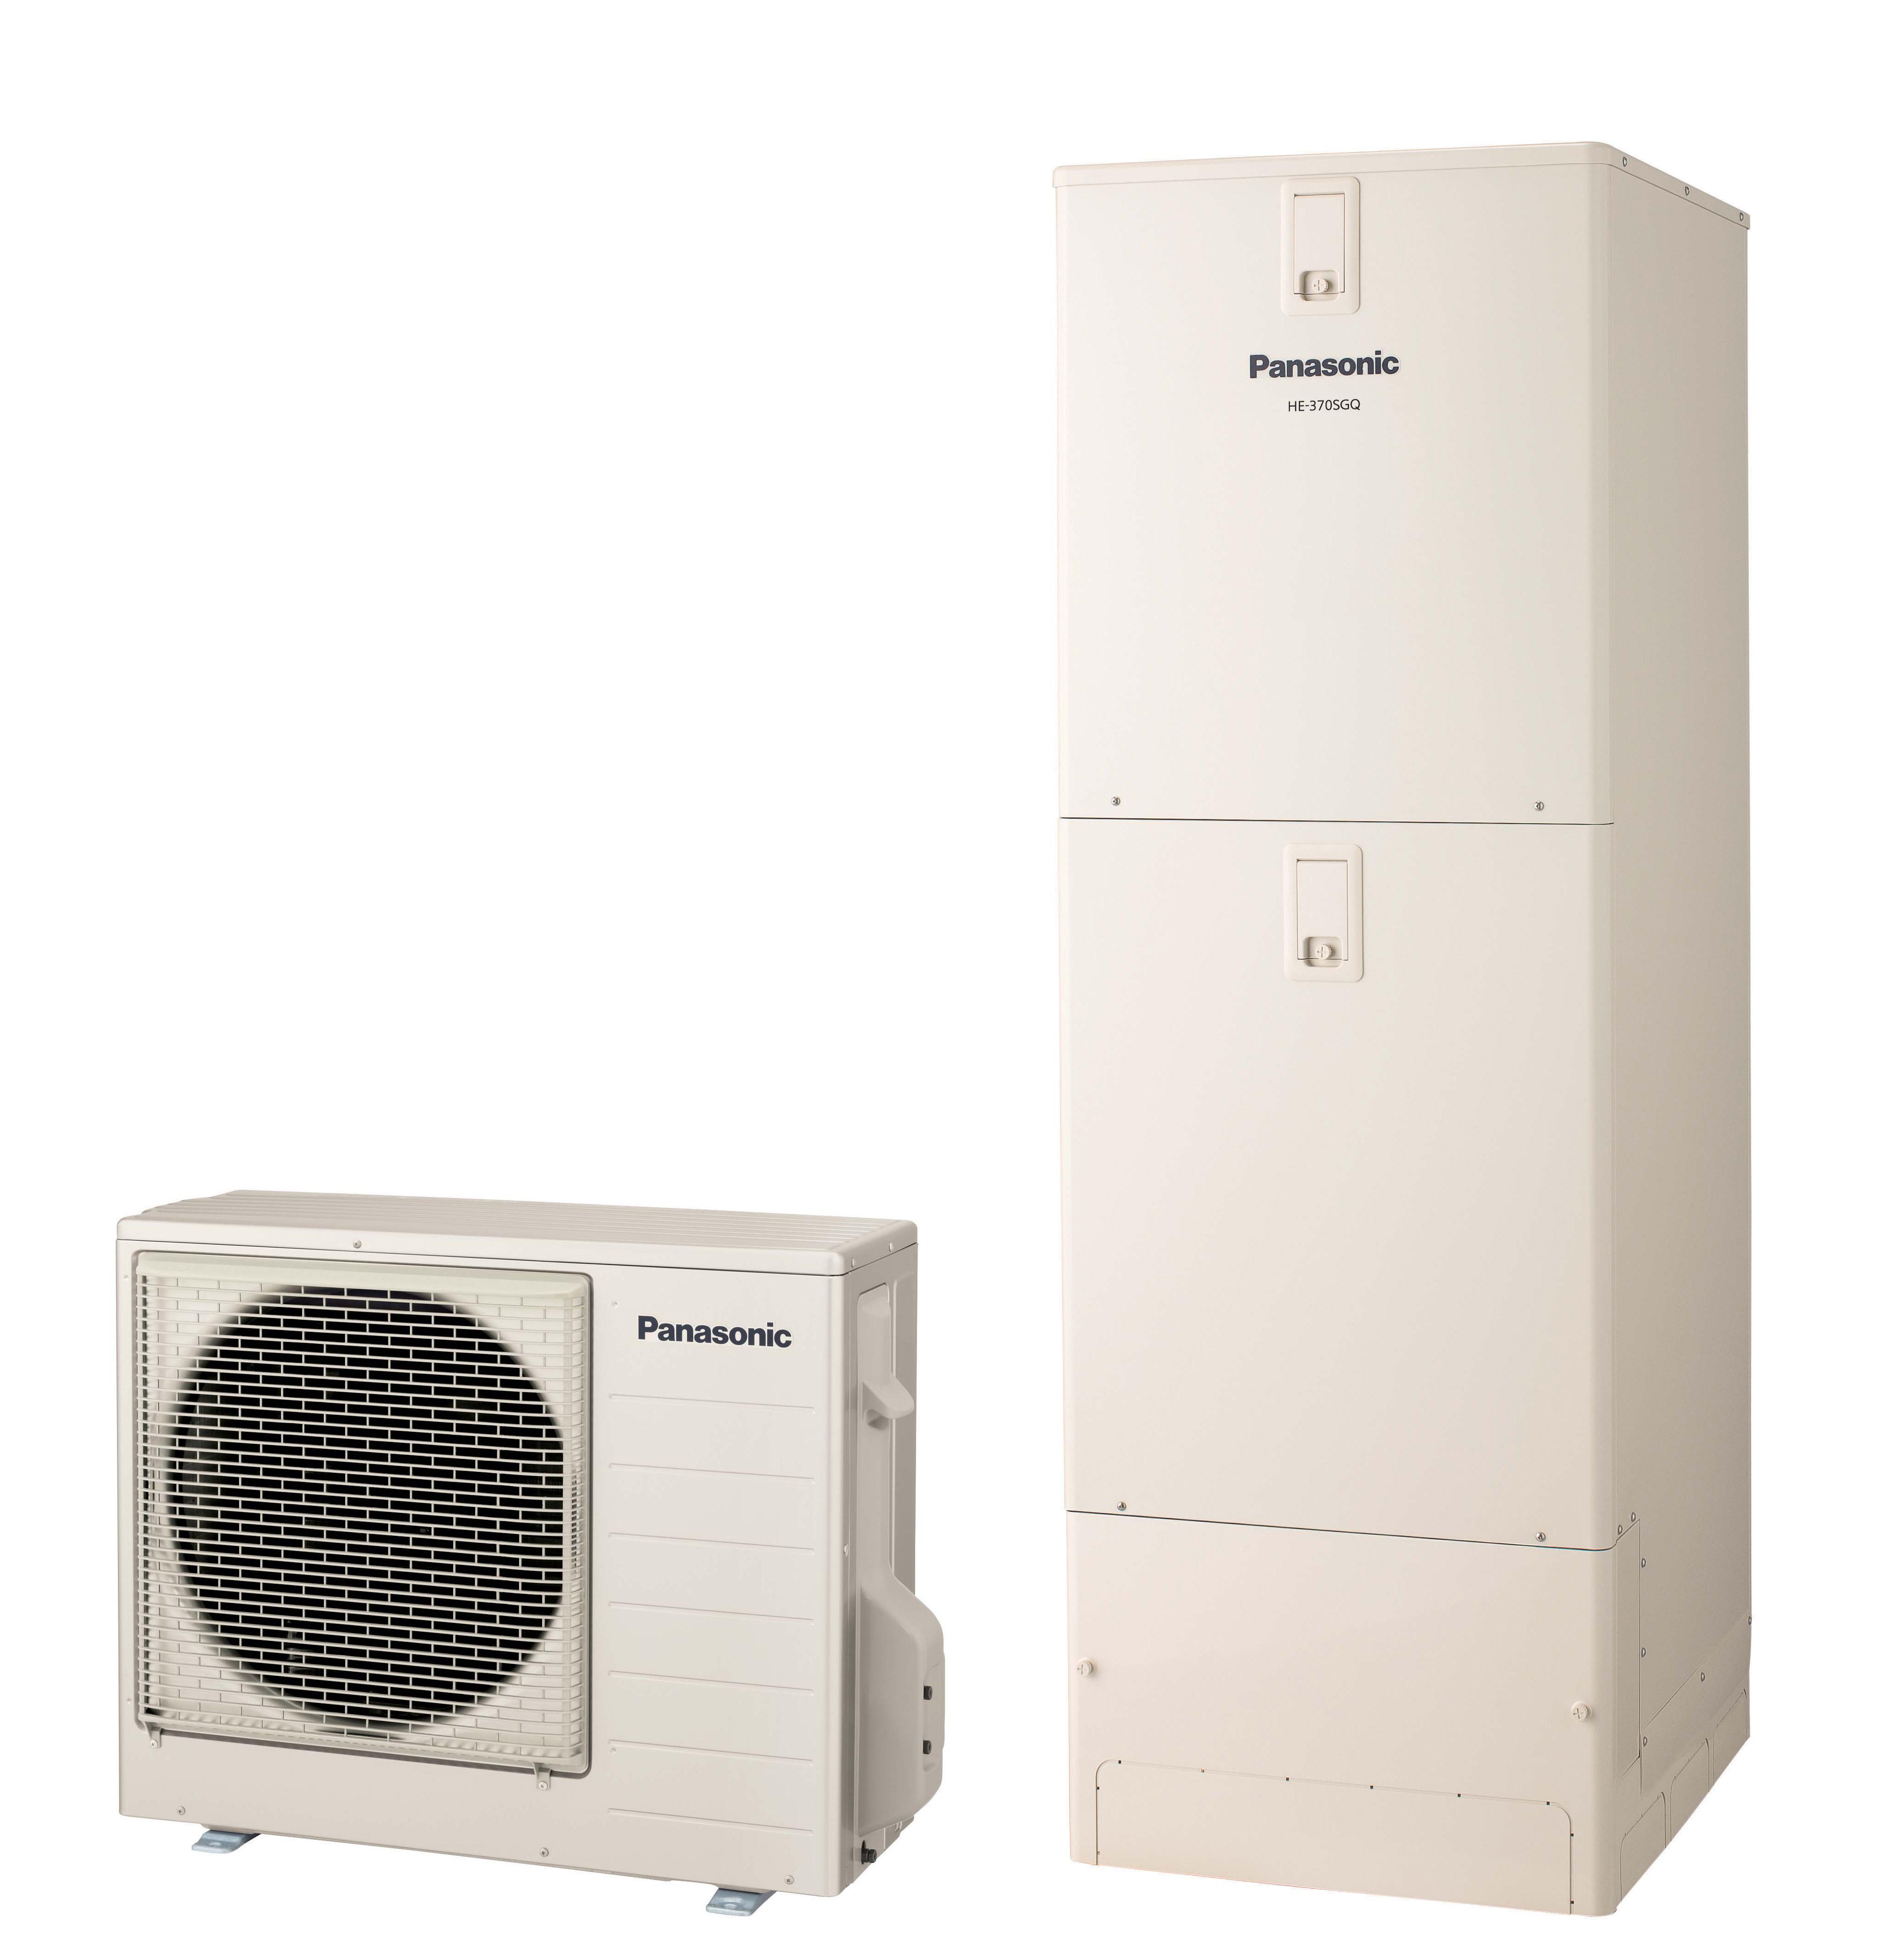 次世代エネルギーマネジメントシステム導入のマンションでパナソニック製エコキュートが採用